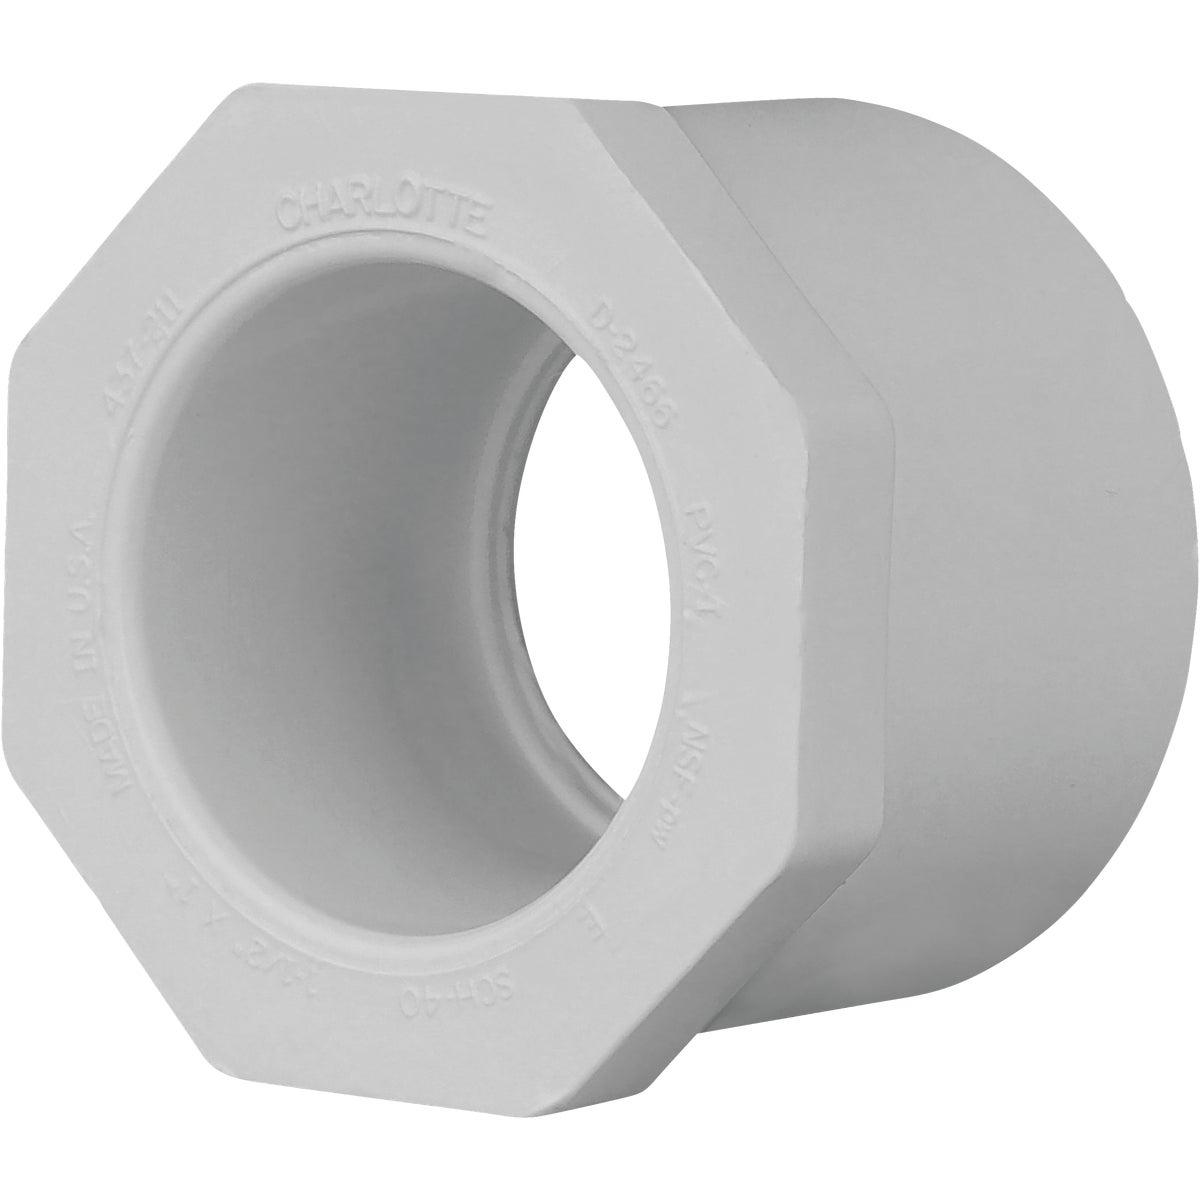 1-1/2X1 PVC SXS BUSHING